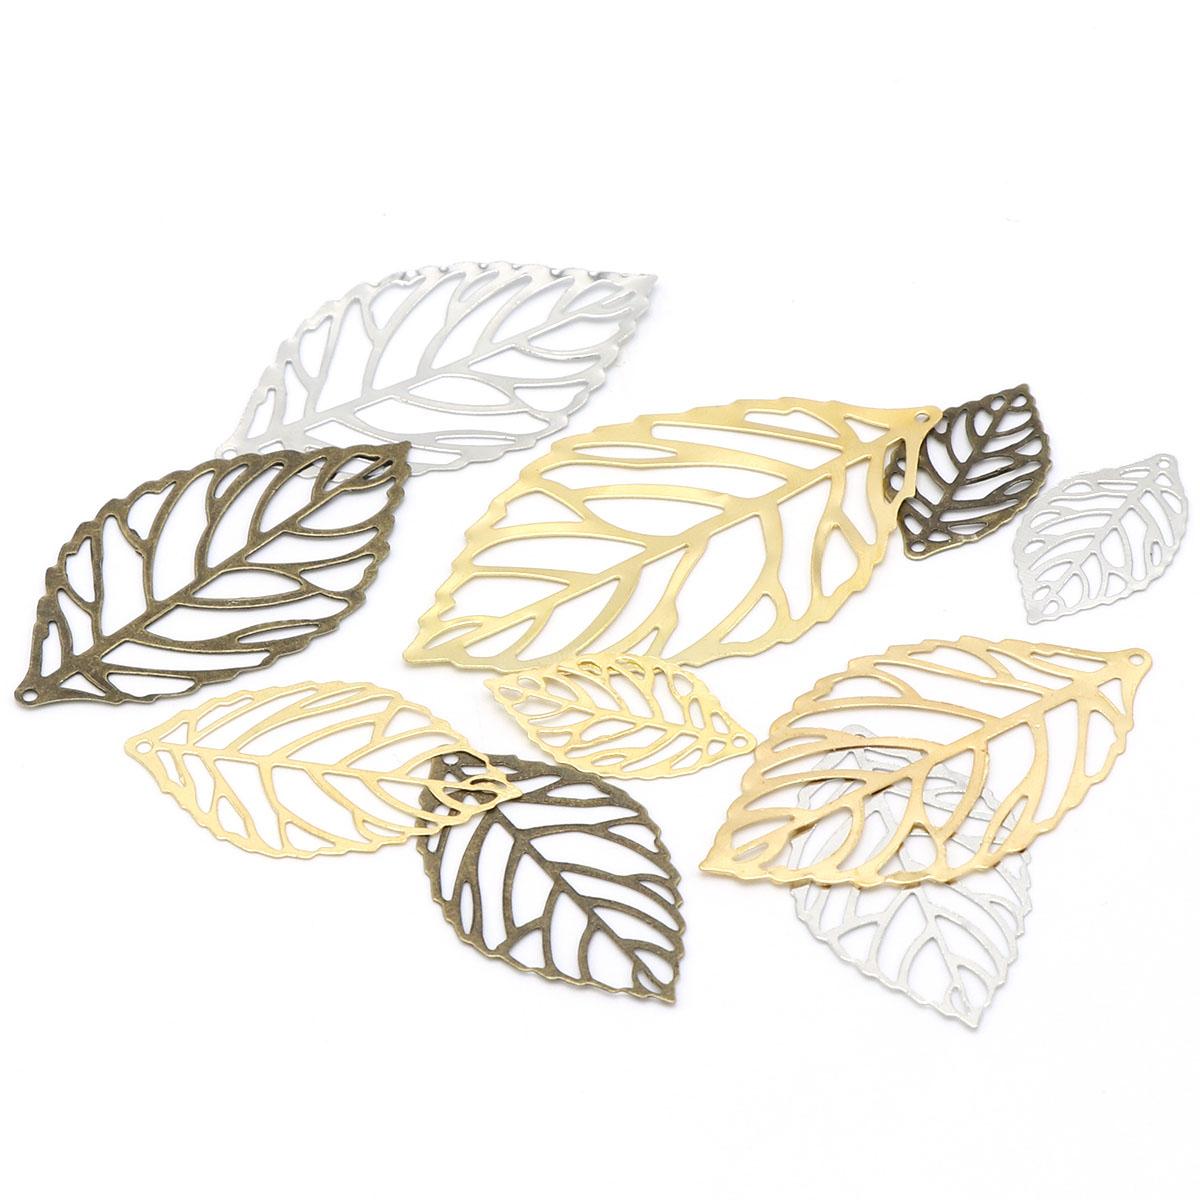 100個 葉脈 葉 透かし パーツ 3色 選べる3サイズ DIY アクセサリー シンプル デコパーツ